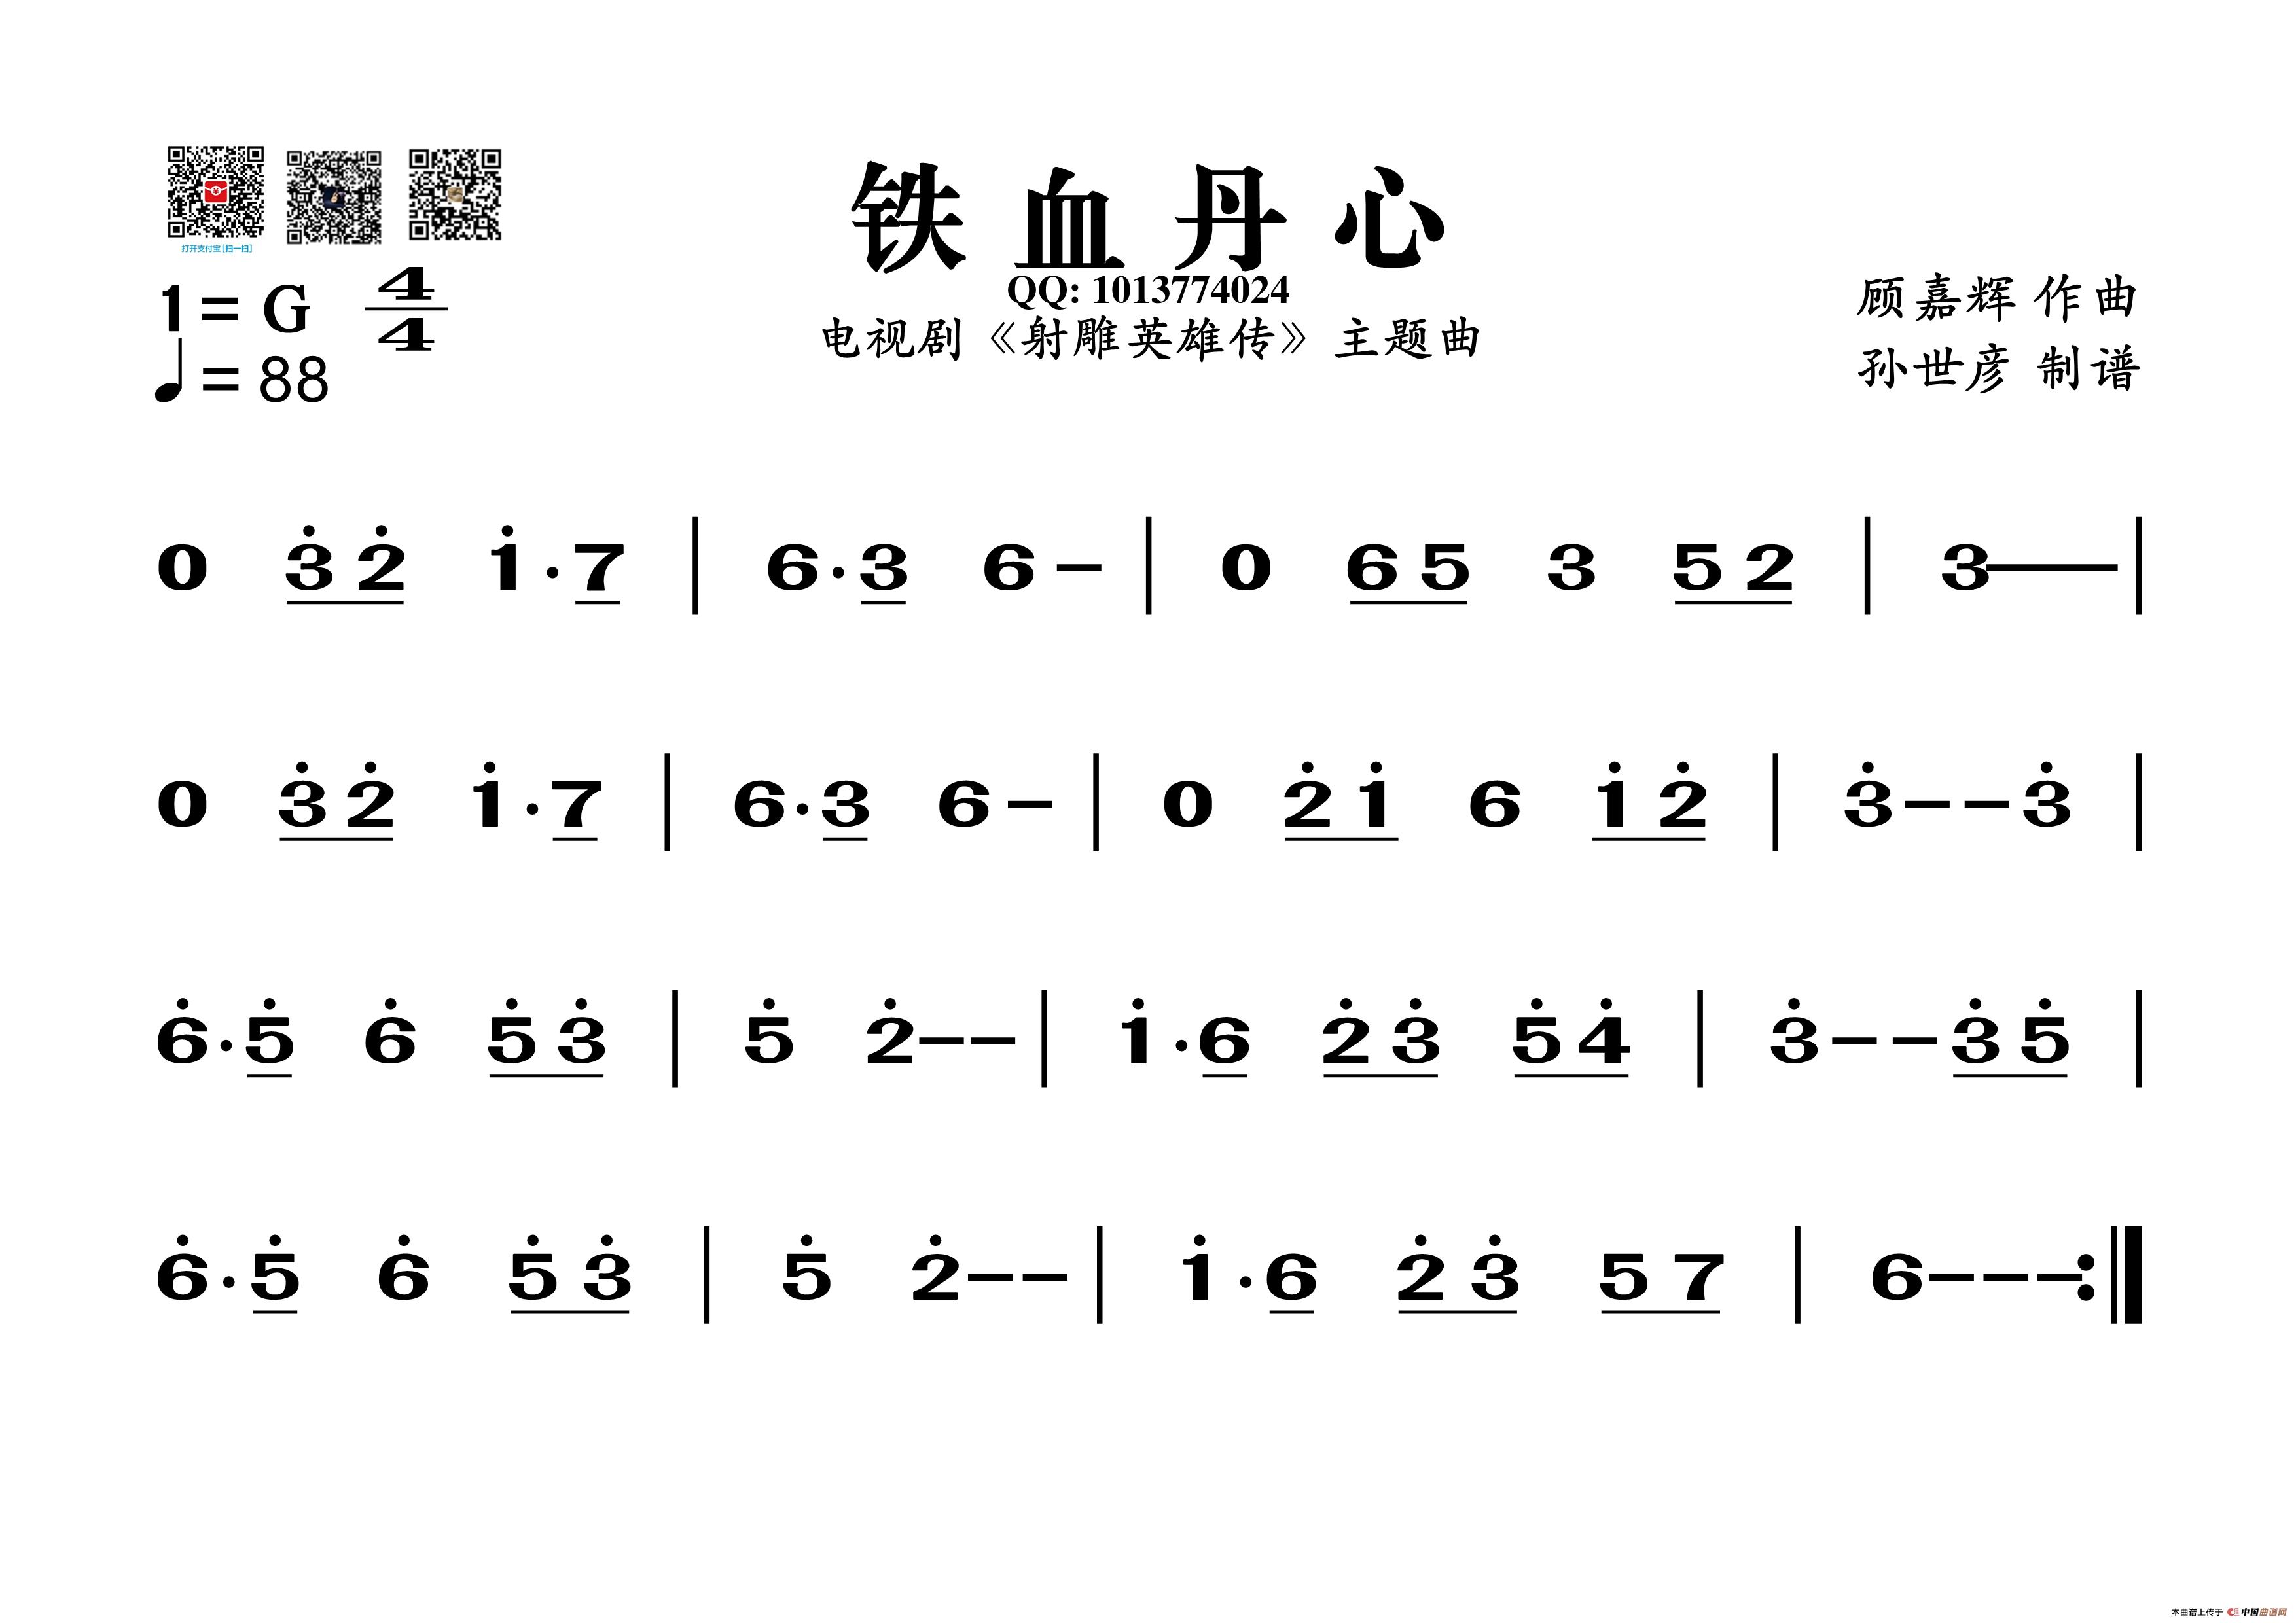 铁血丹心简谱(葫芦丝旋律谱)_谱友园地_中国曲谱网